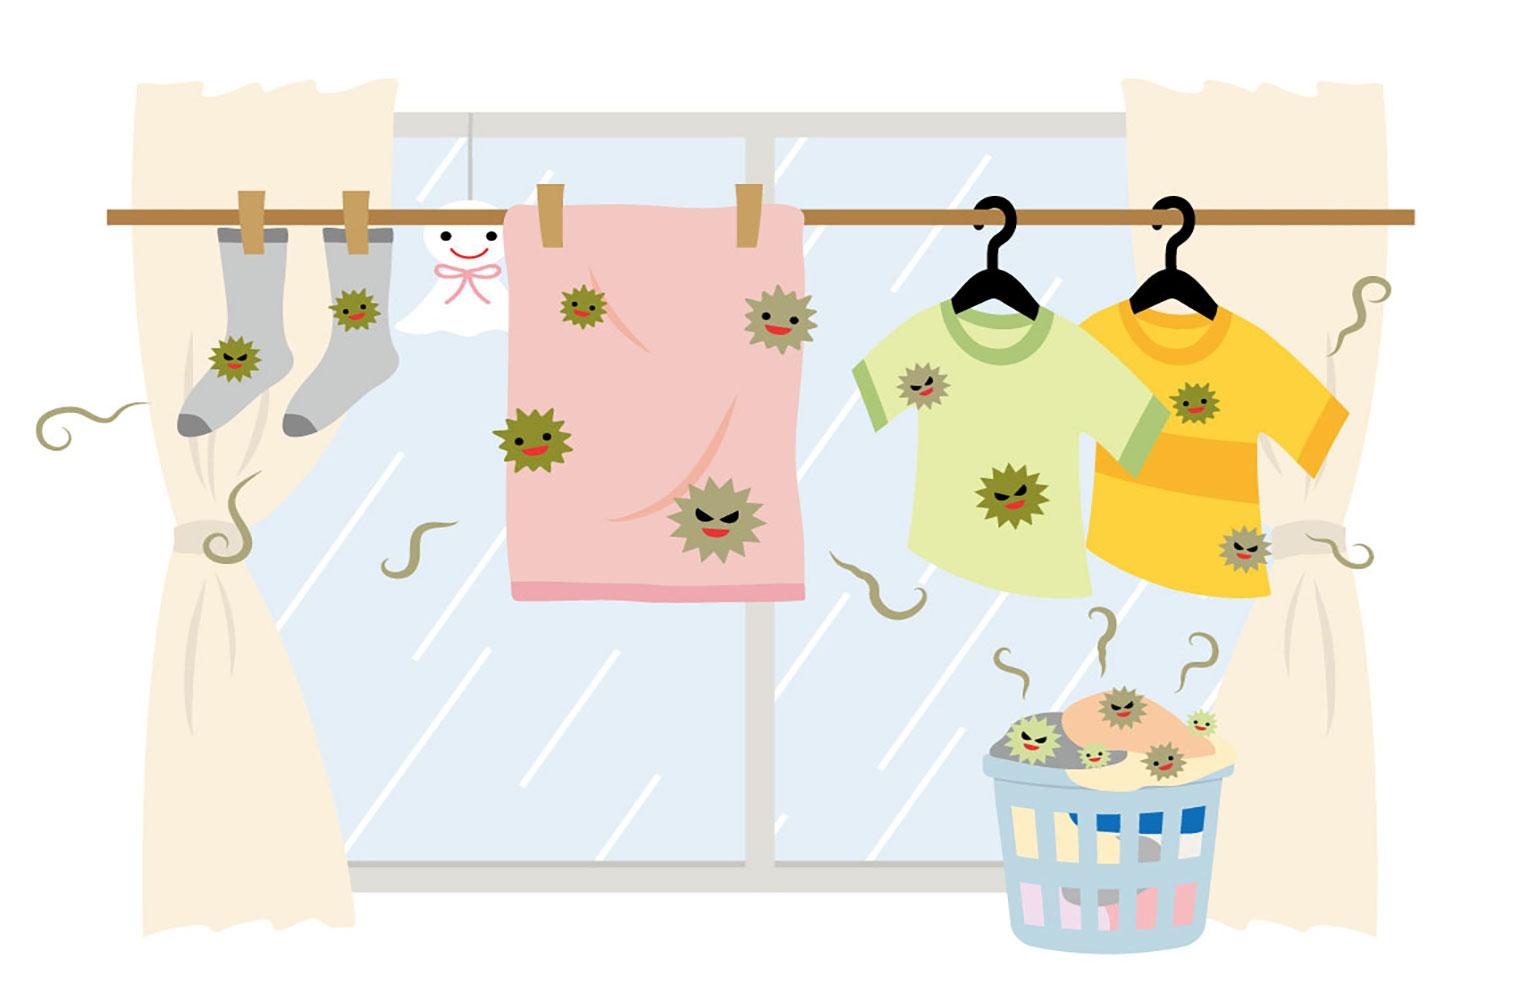 トランクルームのカビ対策は自分で?家具や荷物をカビから守る方法